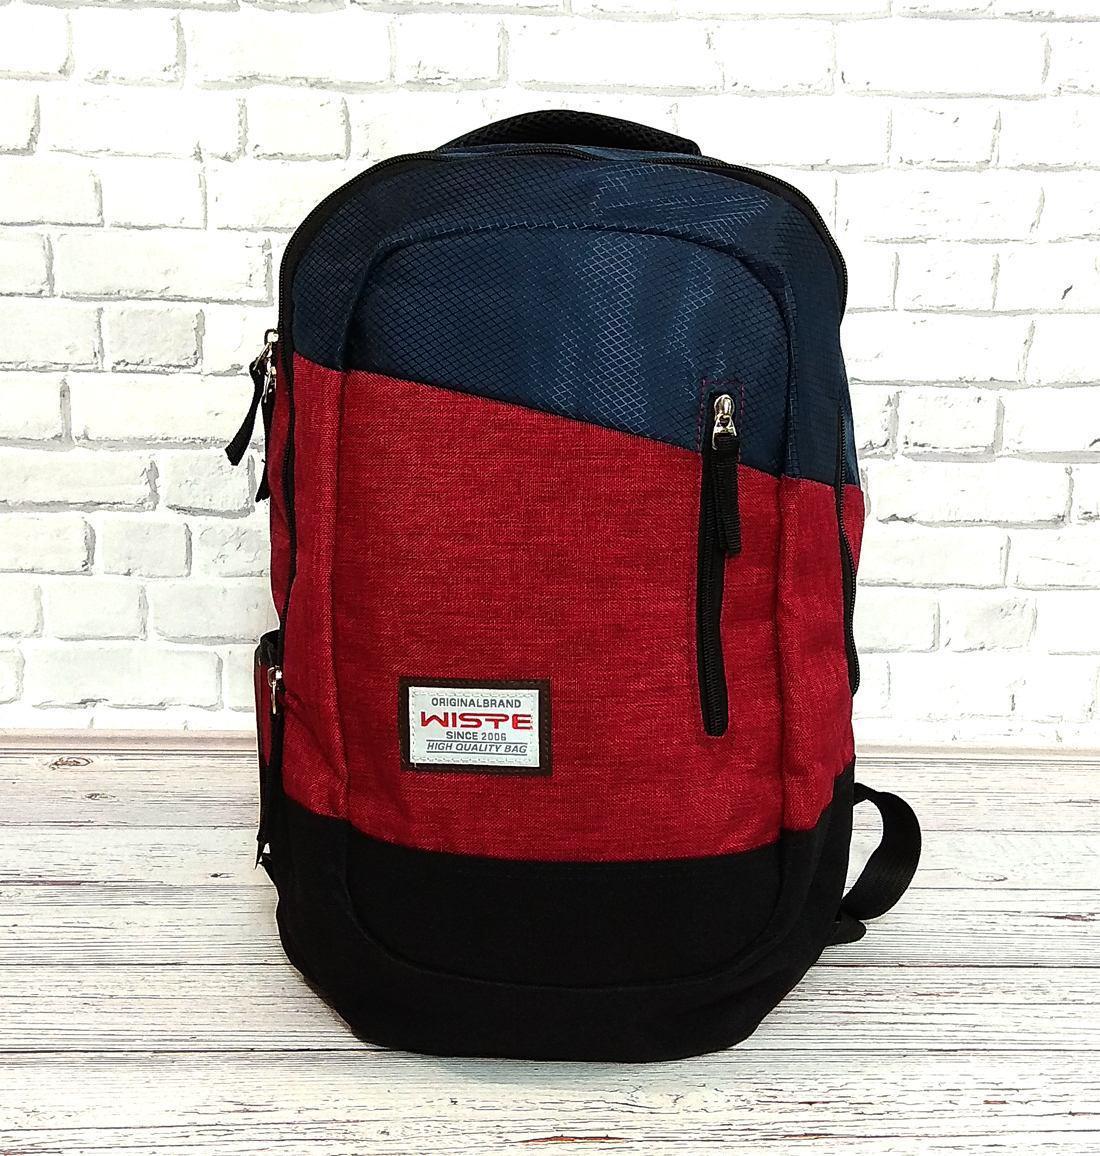 Рюкзак Wiste бордовий з чорним. Міський, шкільний.